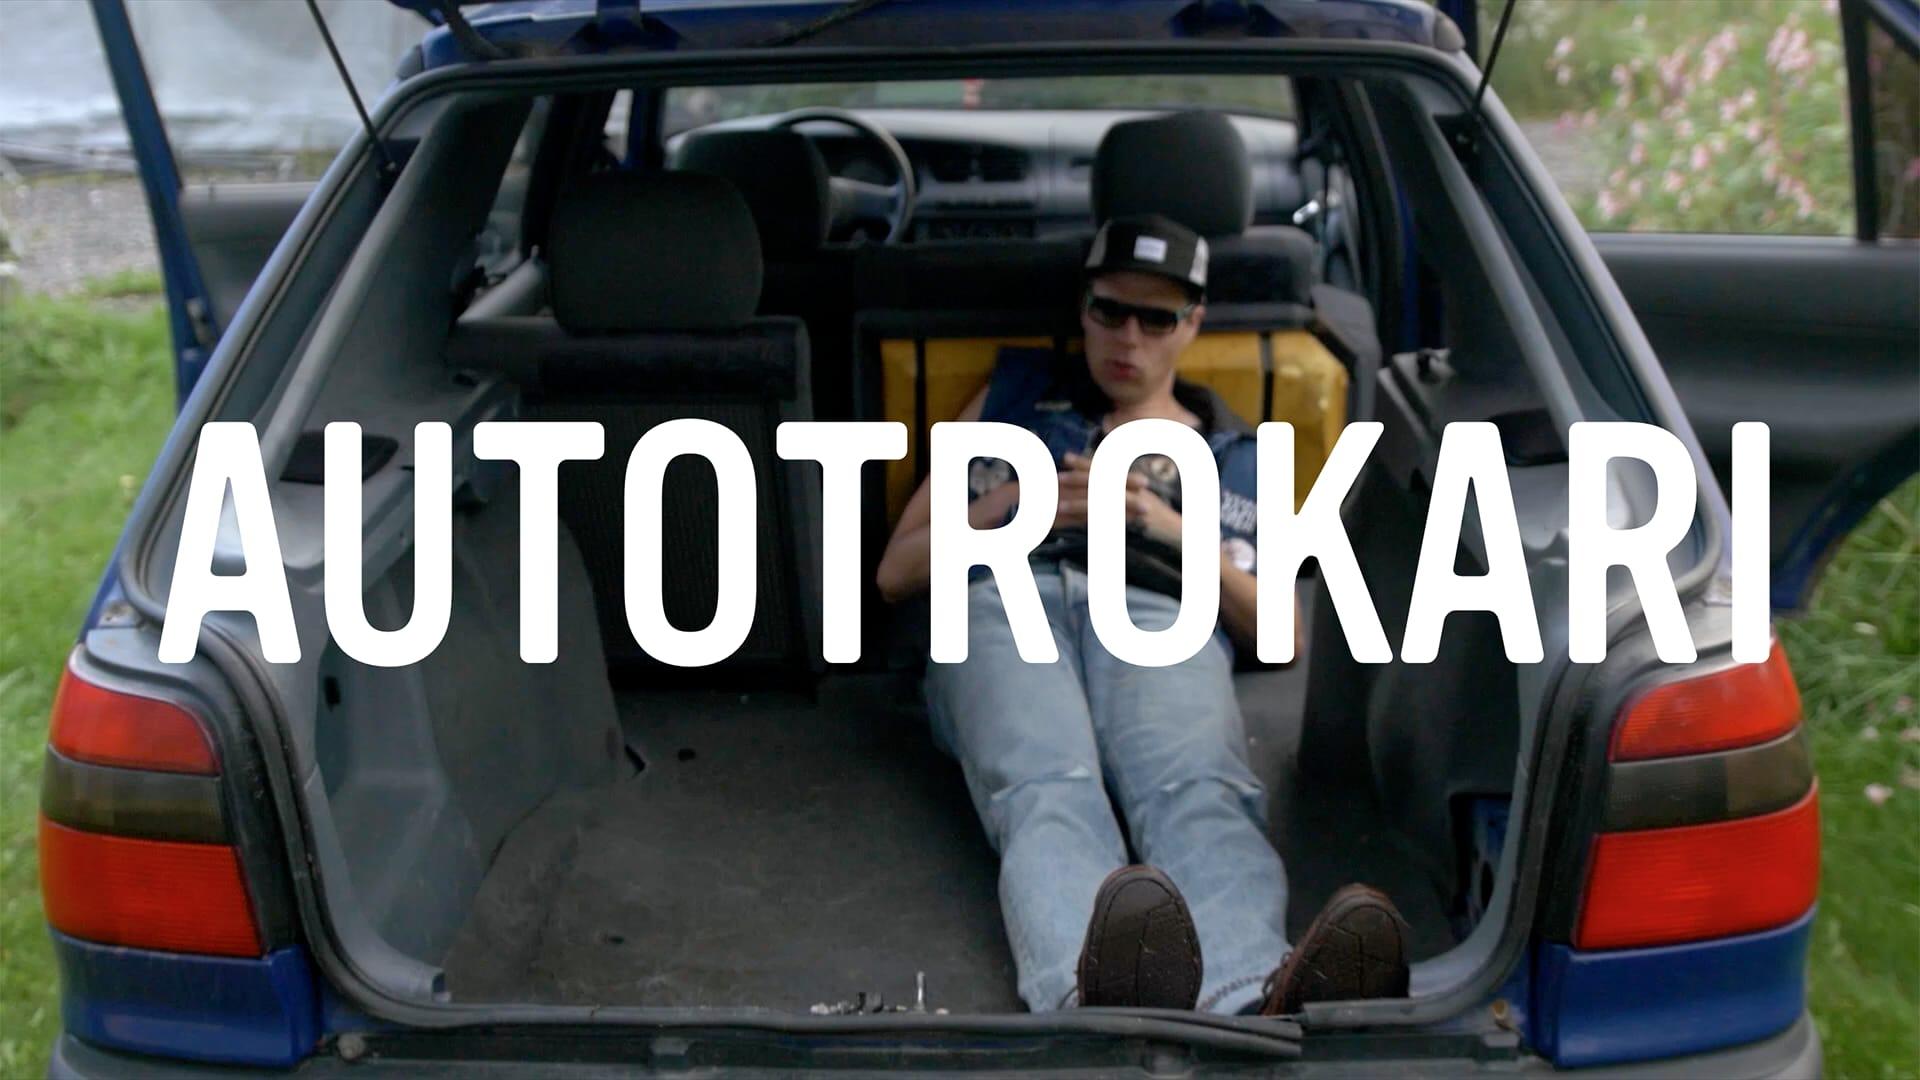 Kajaani ja autotrokari | Yle FOLK: Suomen katusoittokeisari | TV | Areena | yle.fi